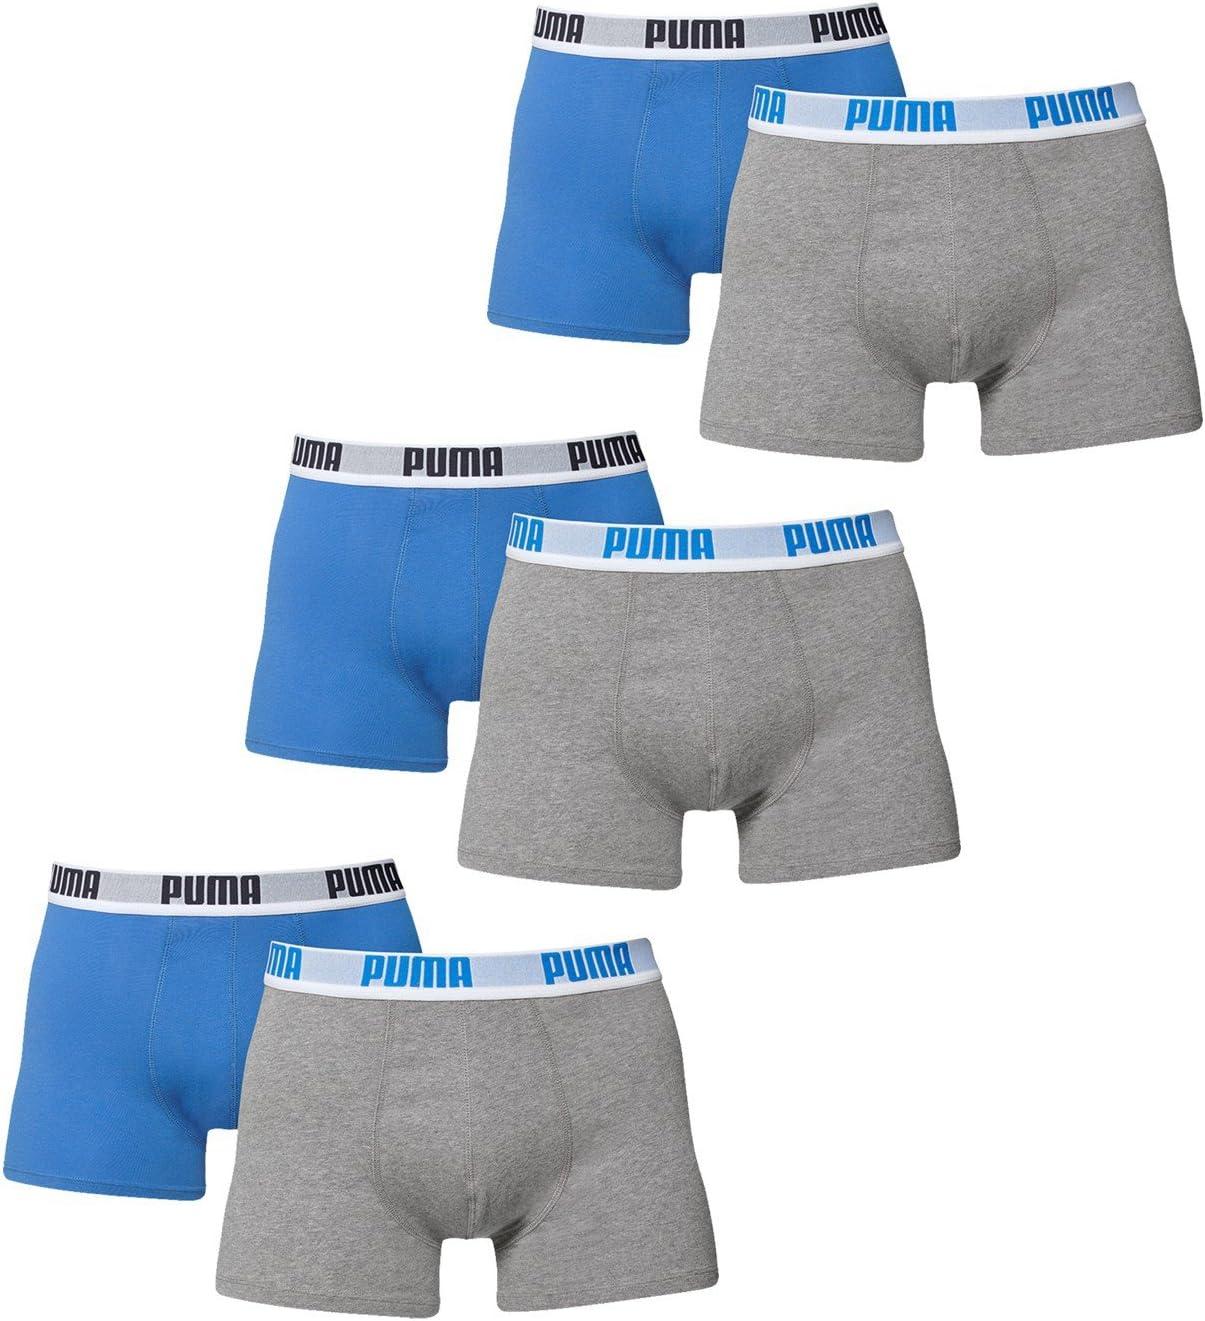 PUMA uomo Pugile di base Boxer Mutande 6 Pacco in molti colori